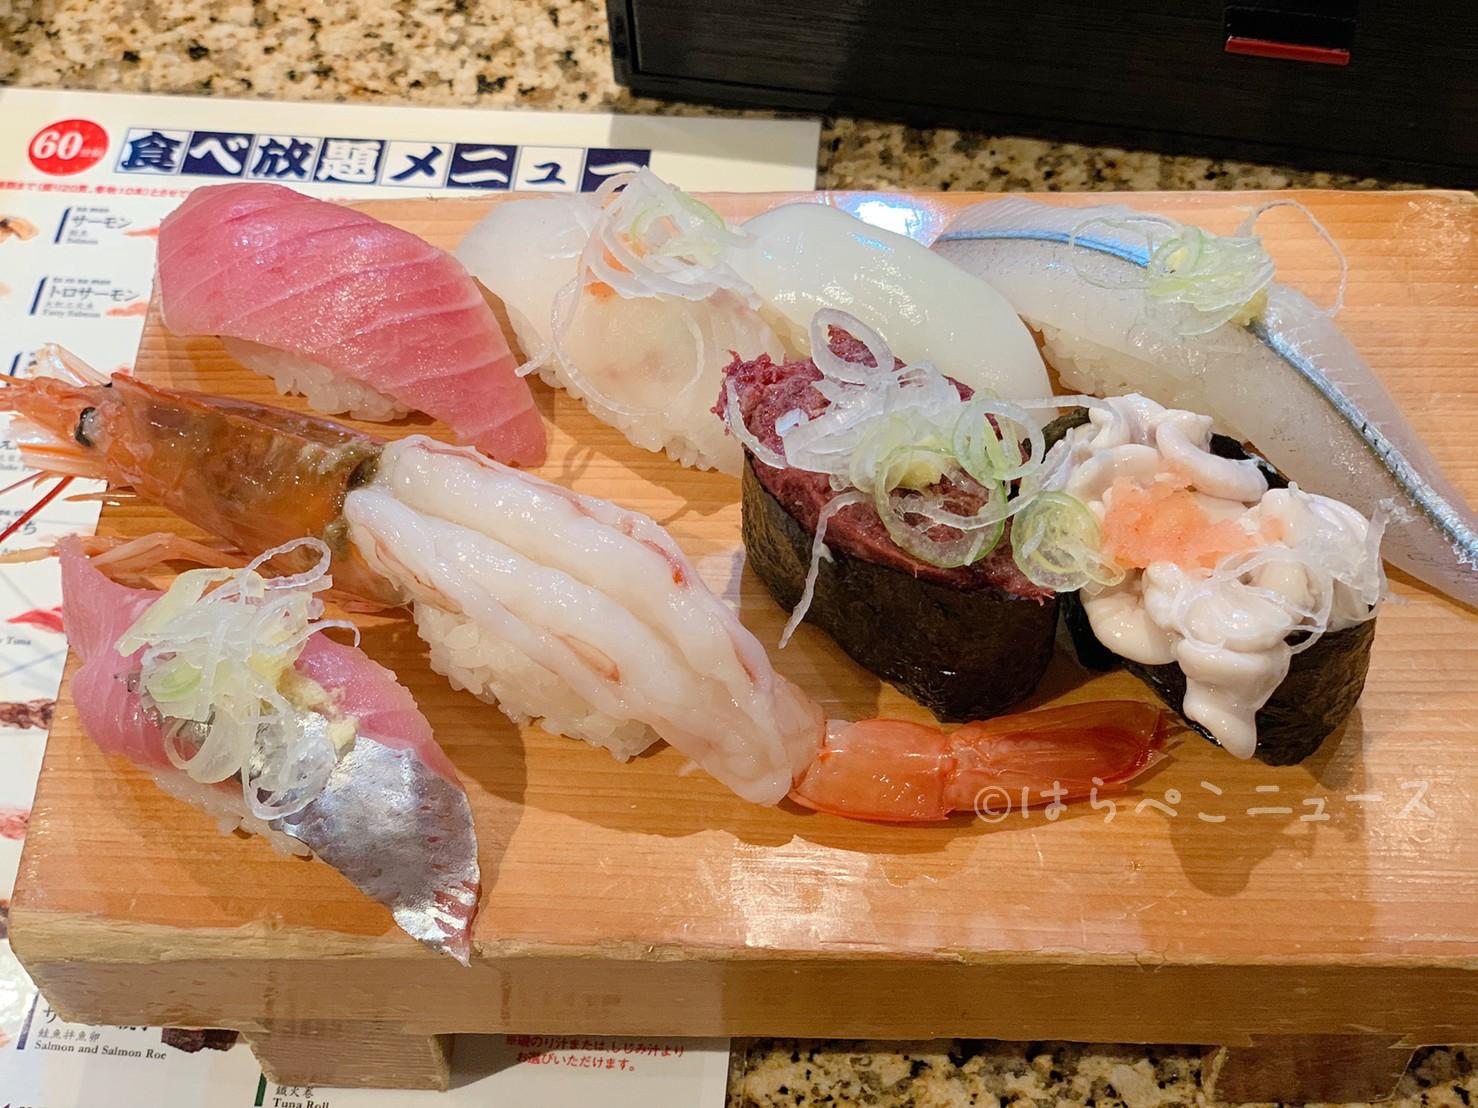 みなとみらい 寿司 食べ放題